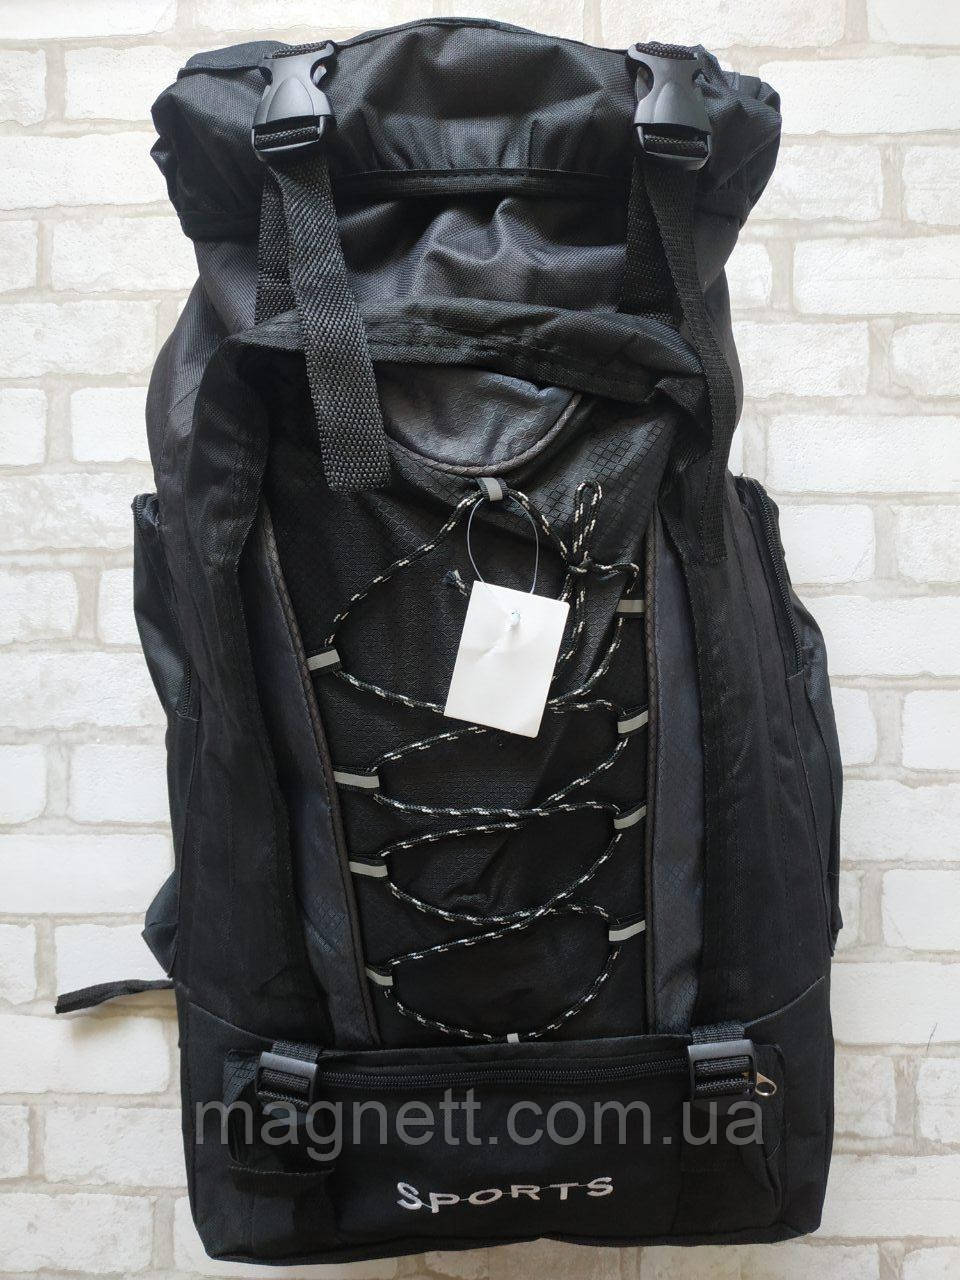 Туристический,походной дорожный рюкзак Sports 70 литров (черный)